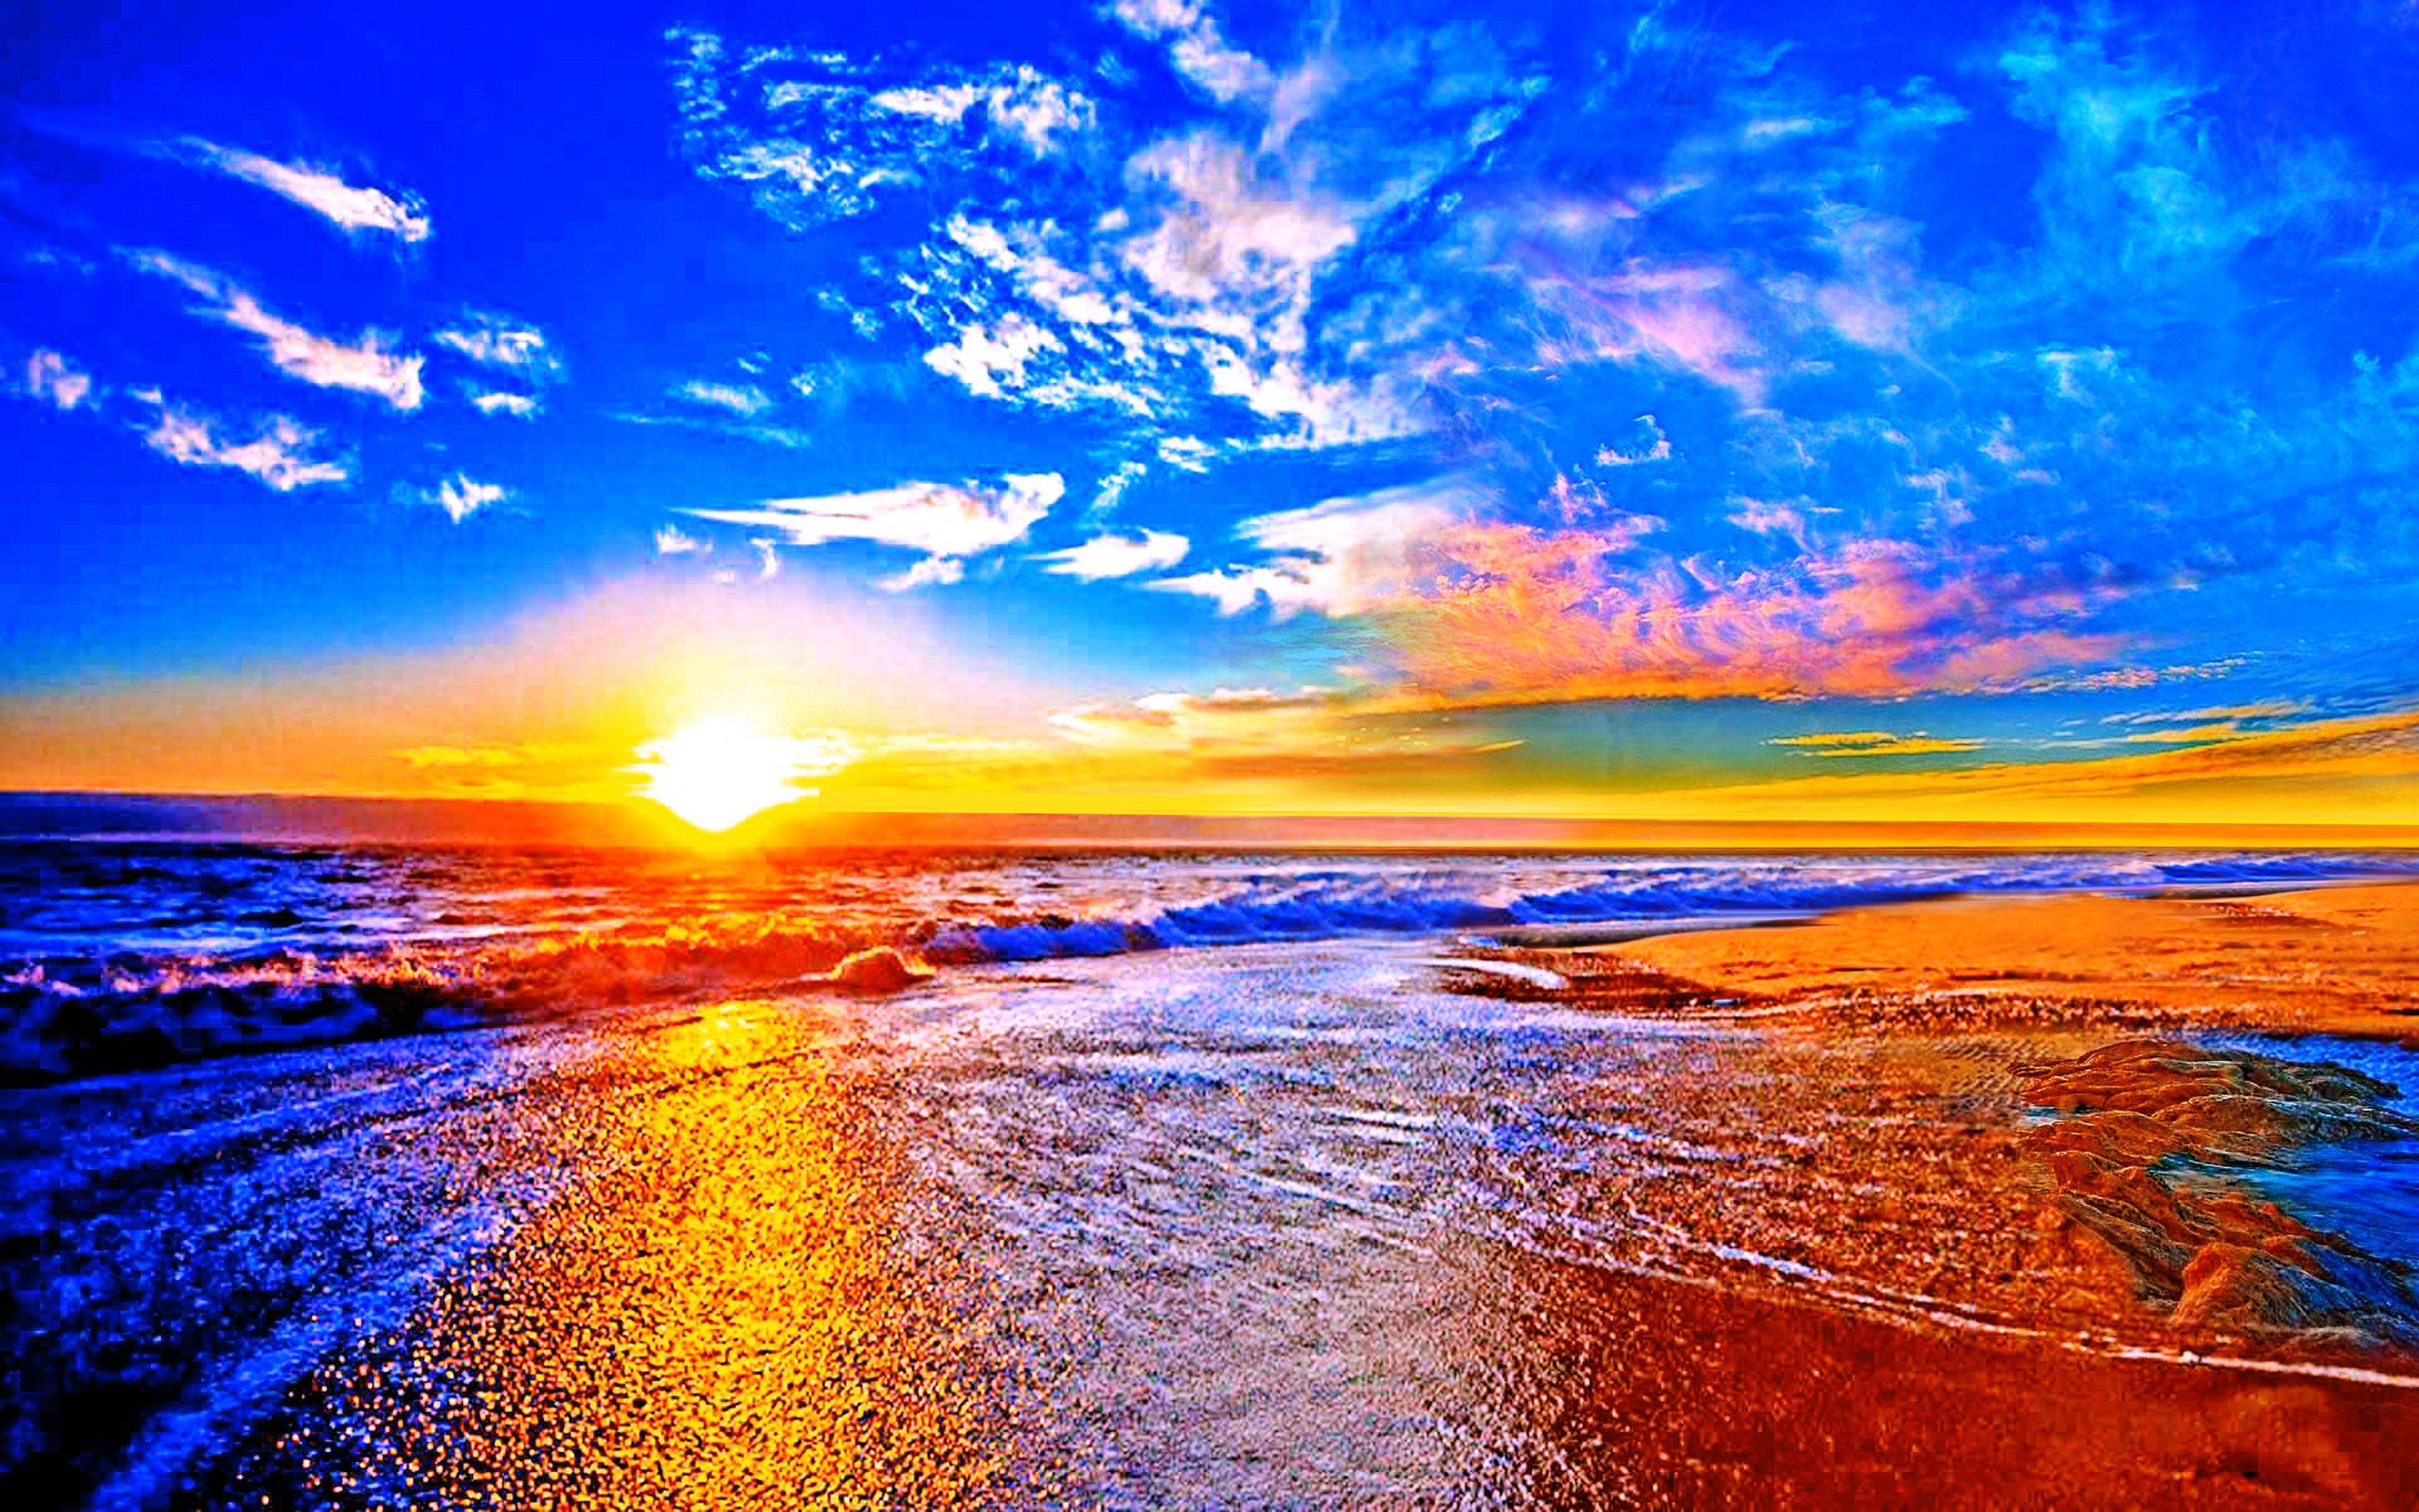 Sunset Wallpaper Desktop 4875x3047